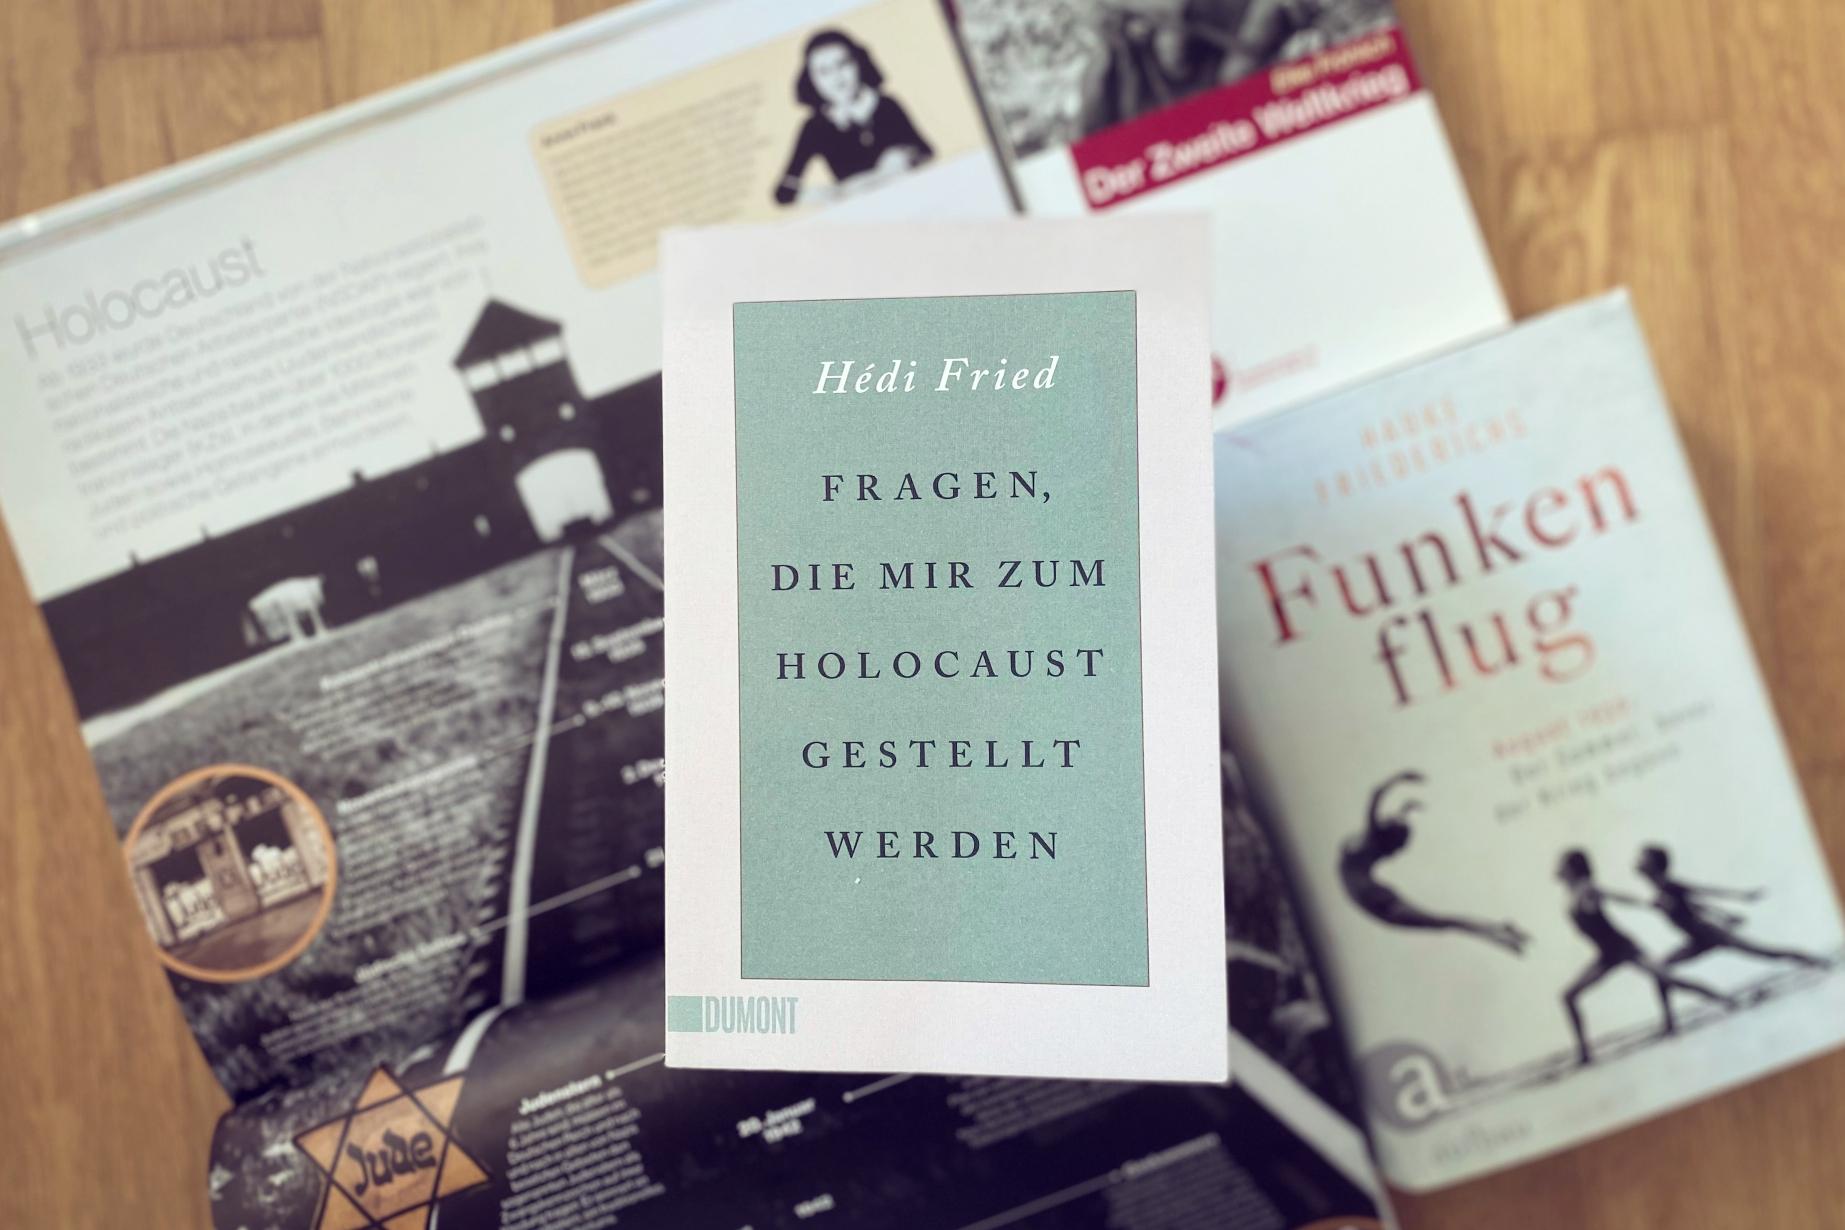 Hédi Fried Hedi Fragen die mir zum Holocaust gestellt werden Auschwitz KZ Vernichtungslager Bergen-Belsen